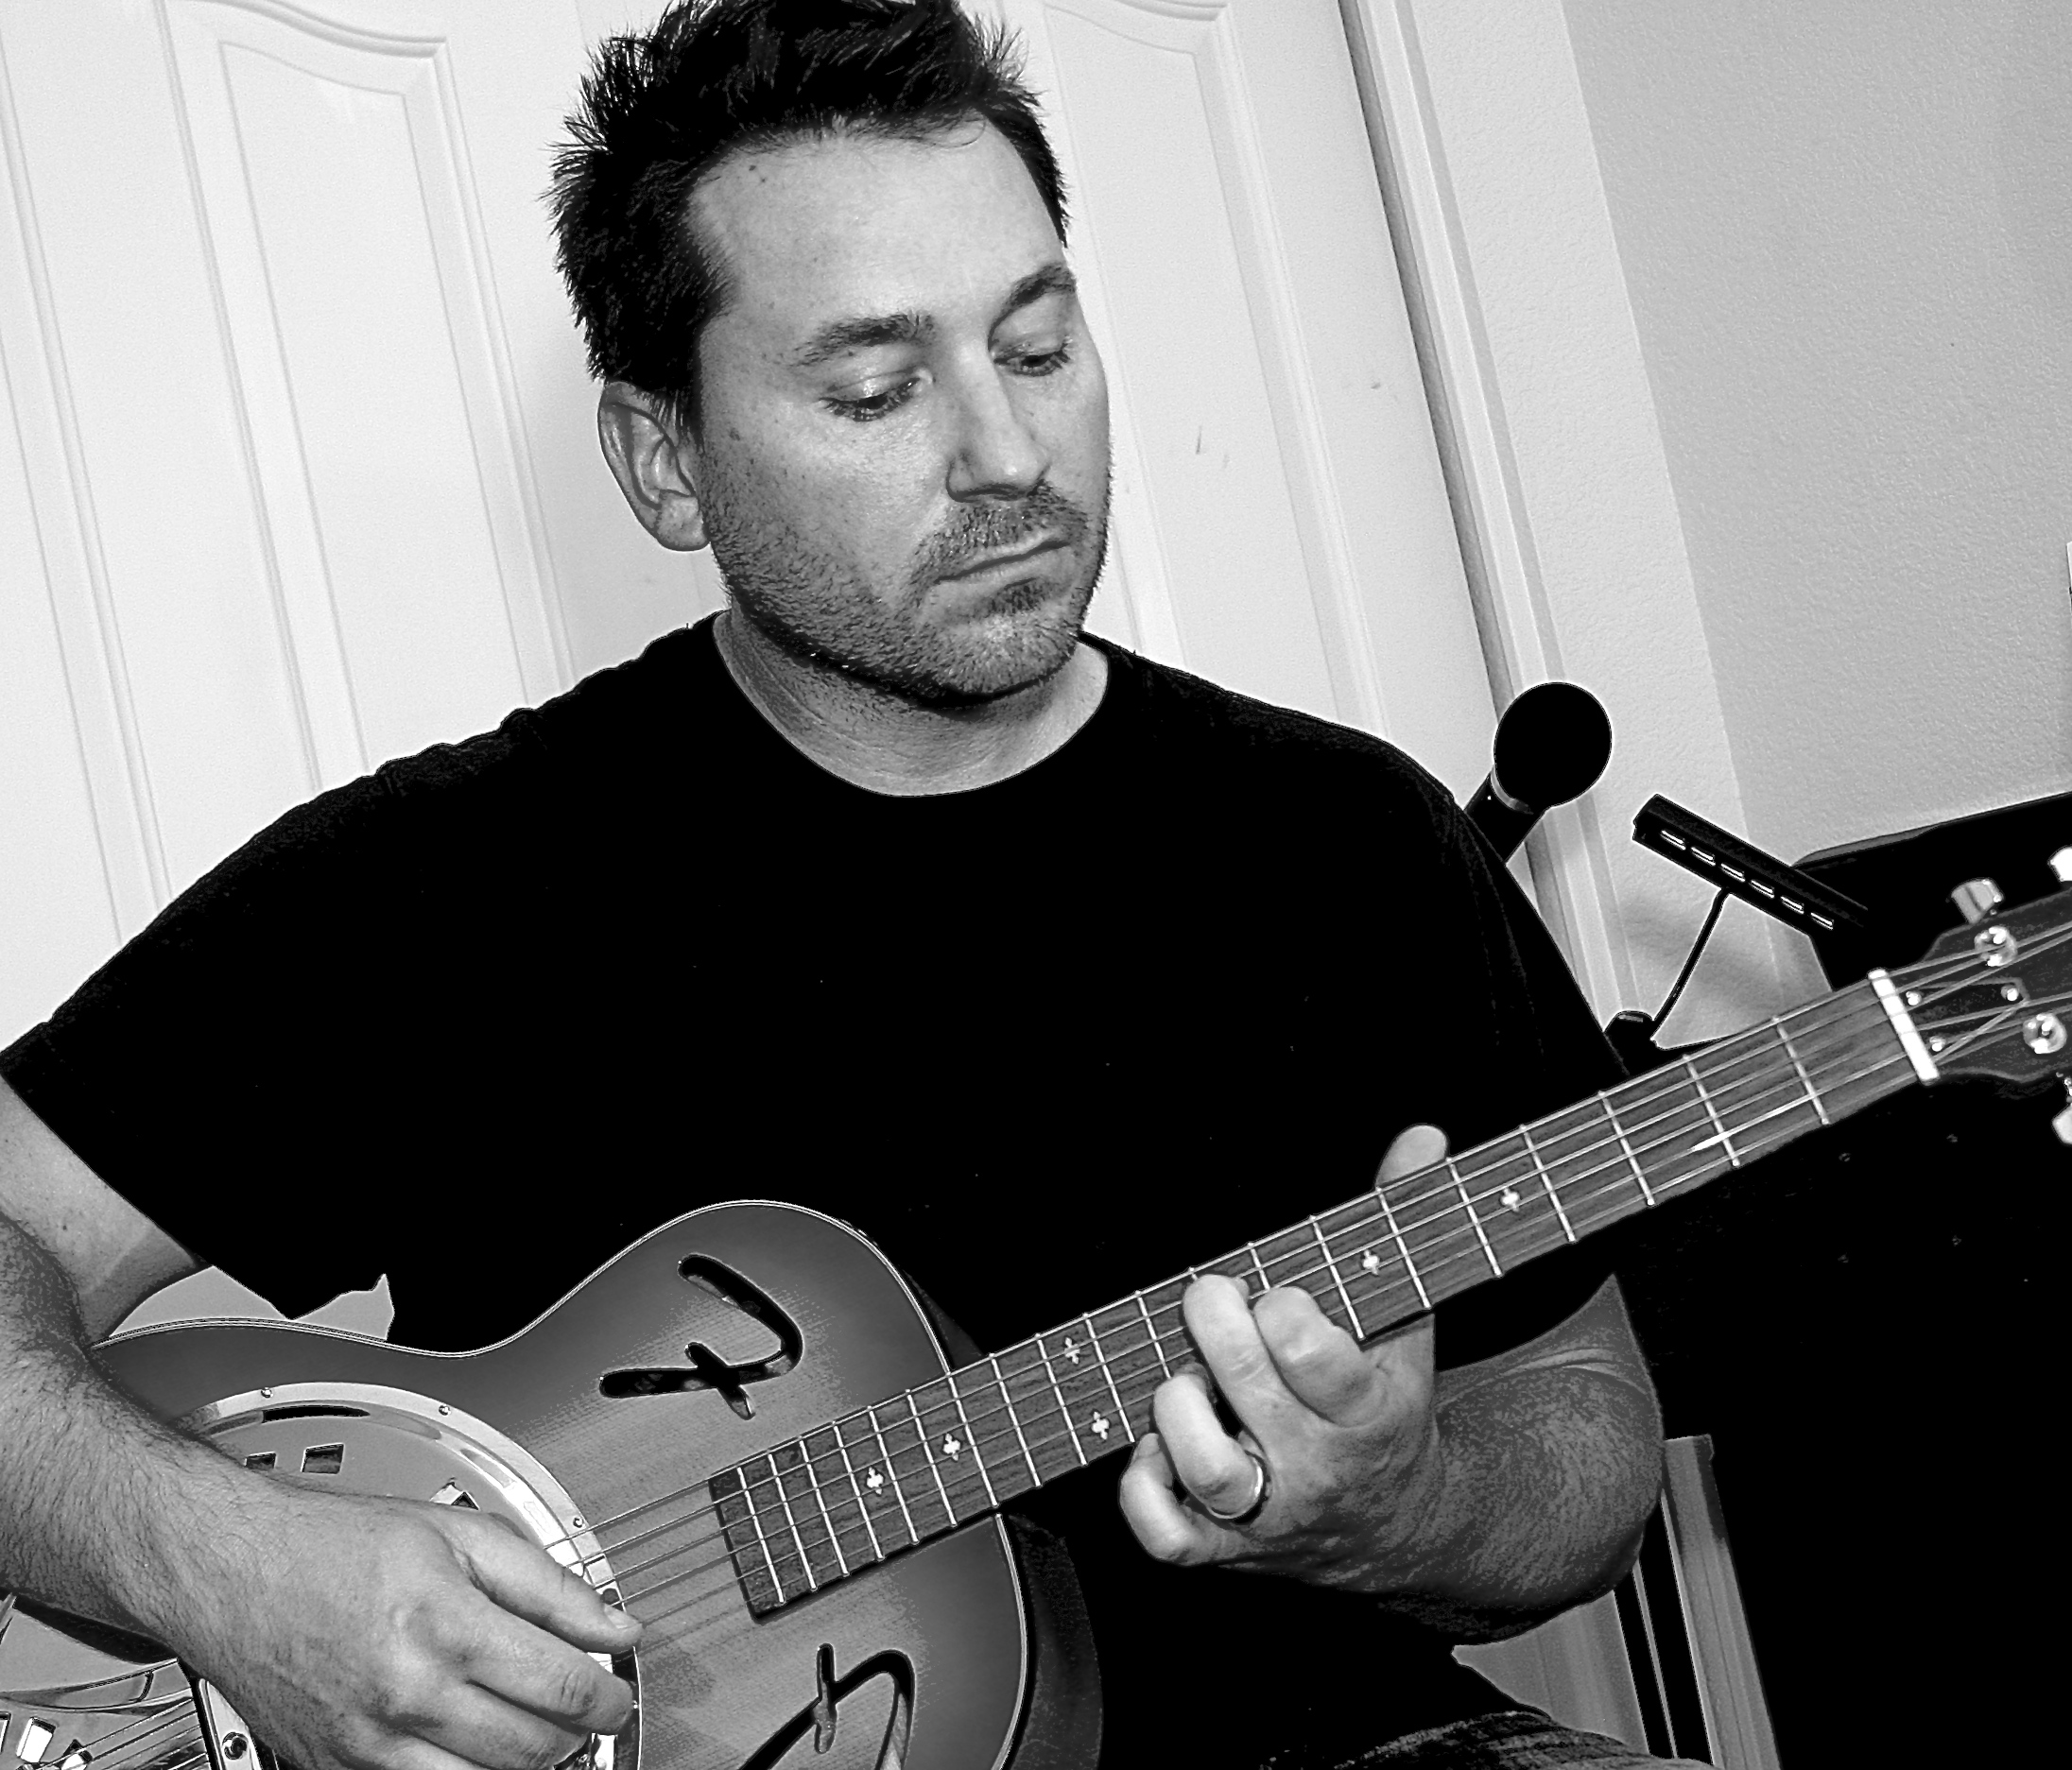 jimmi-t-guitar-performance-2.jpg